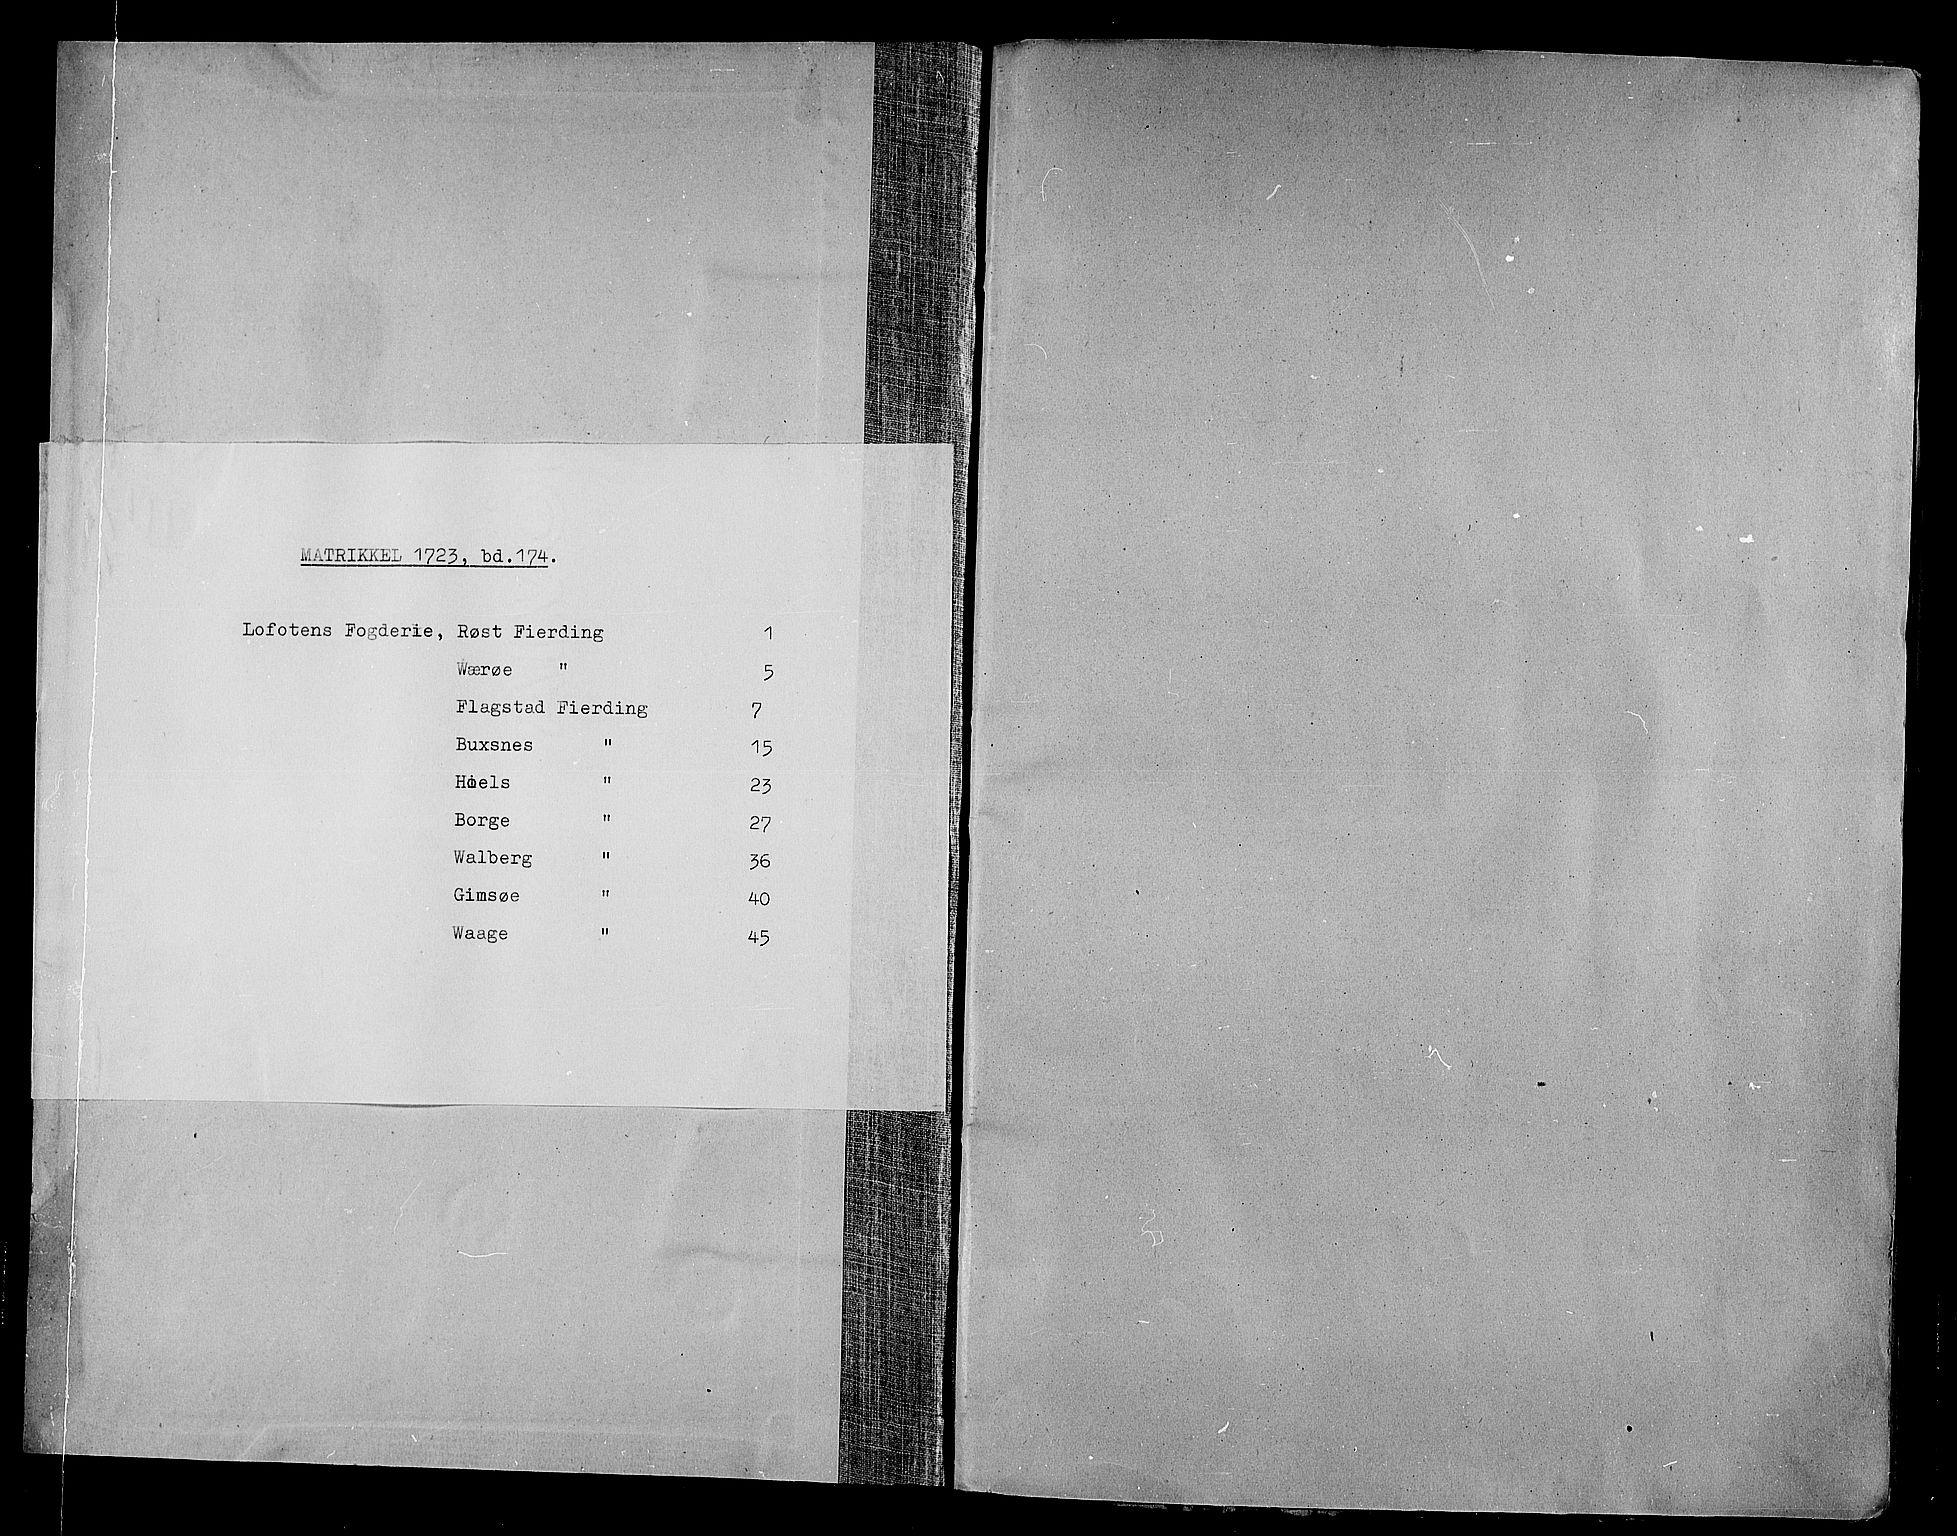 RA, Rentekammeret inntil 1814, Realistisk ordnet avdeling, N/Nb/Nbf/L0174: Lofoten eksaminasjonsprotokoll, 1723, s. upaginert